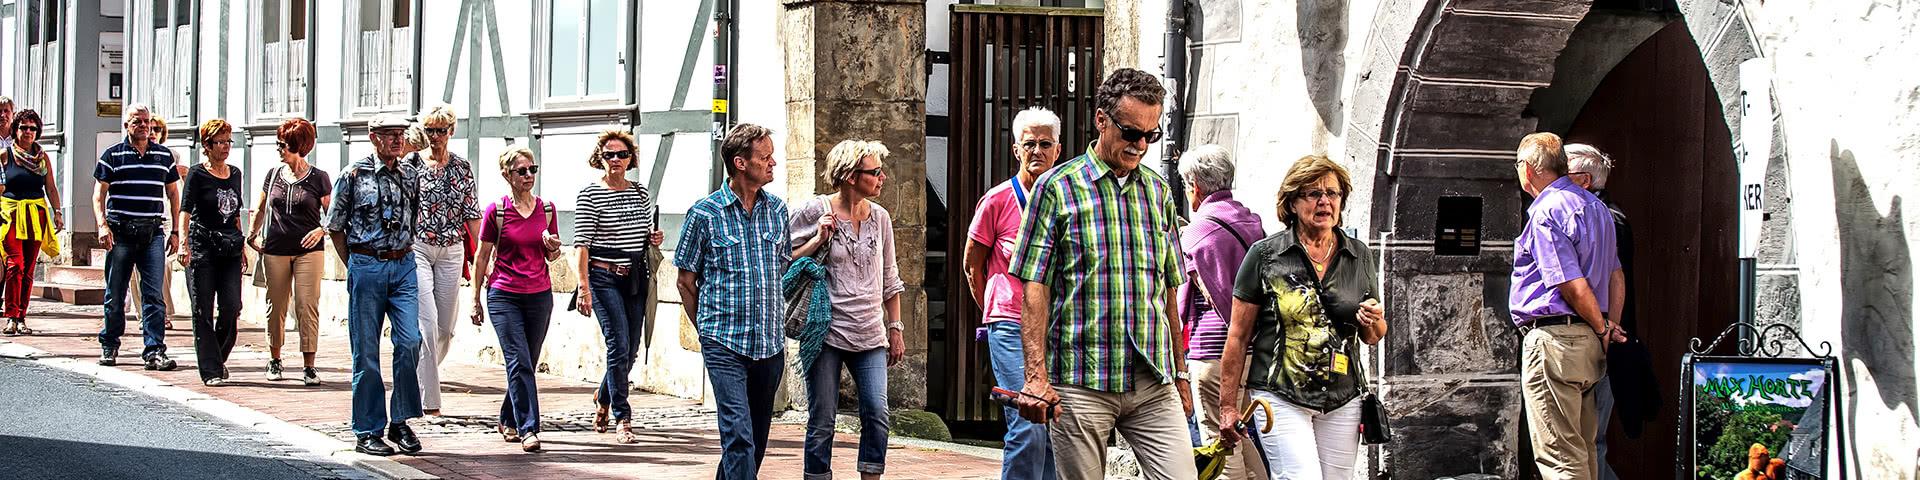 Gruppe läuft durch die Altstadt von Goslar